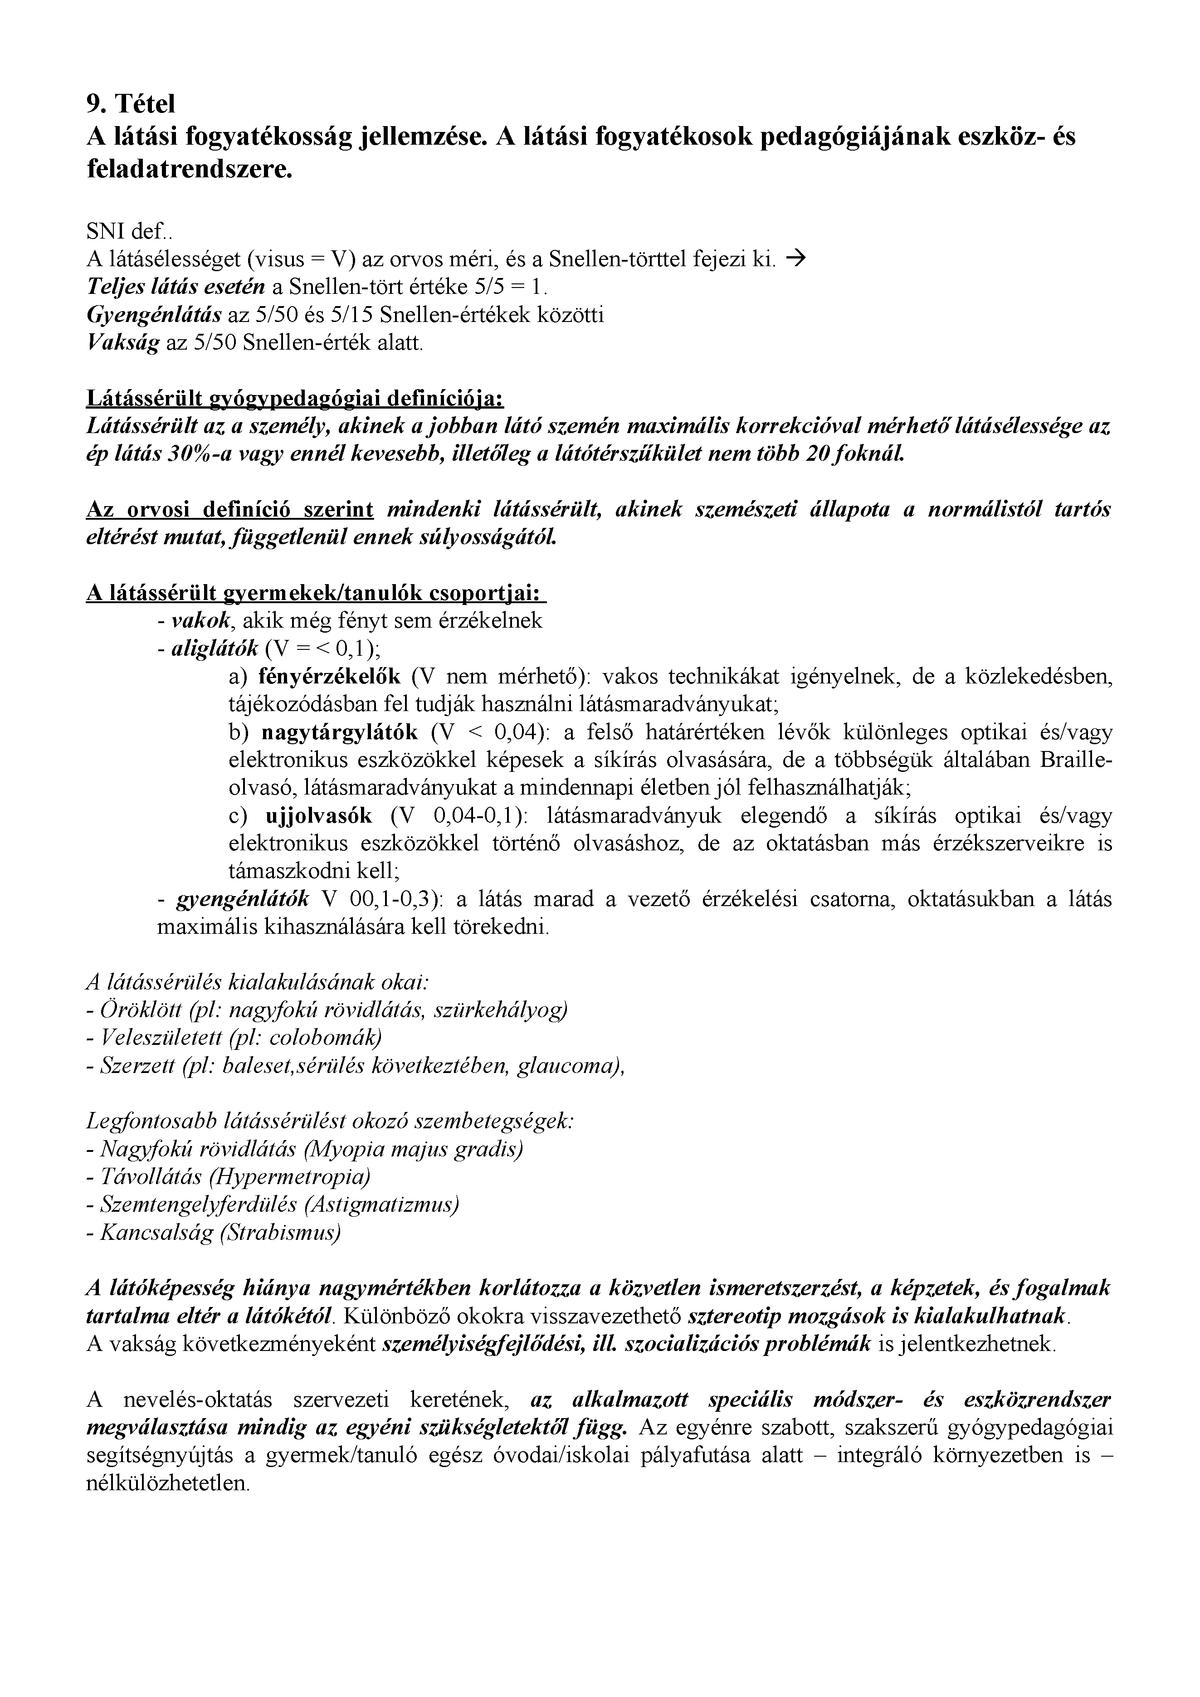 Szemtorna - Gyakorlatok, amiket bárhol elvégezhet